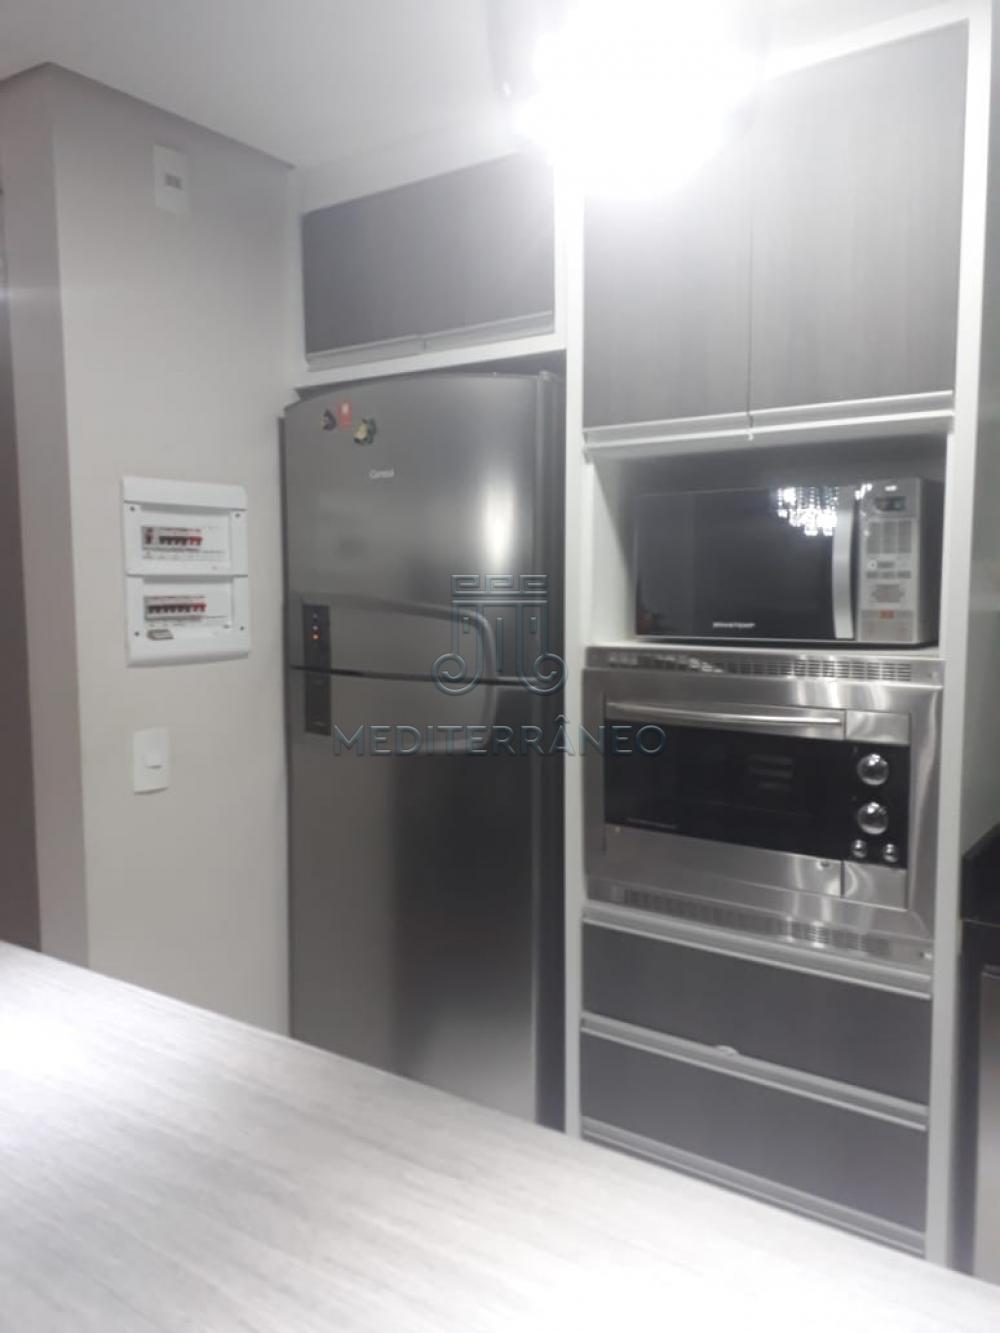 Alugar Apartamento / Padrão em Jundiaí apenas R$ 2.600,00 - Foto 9